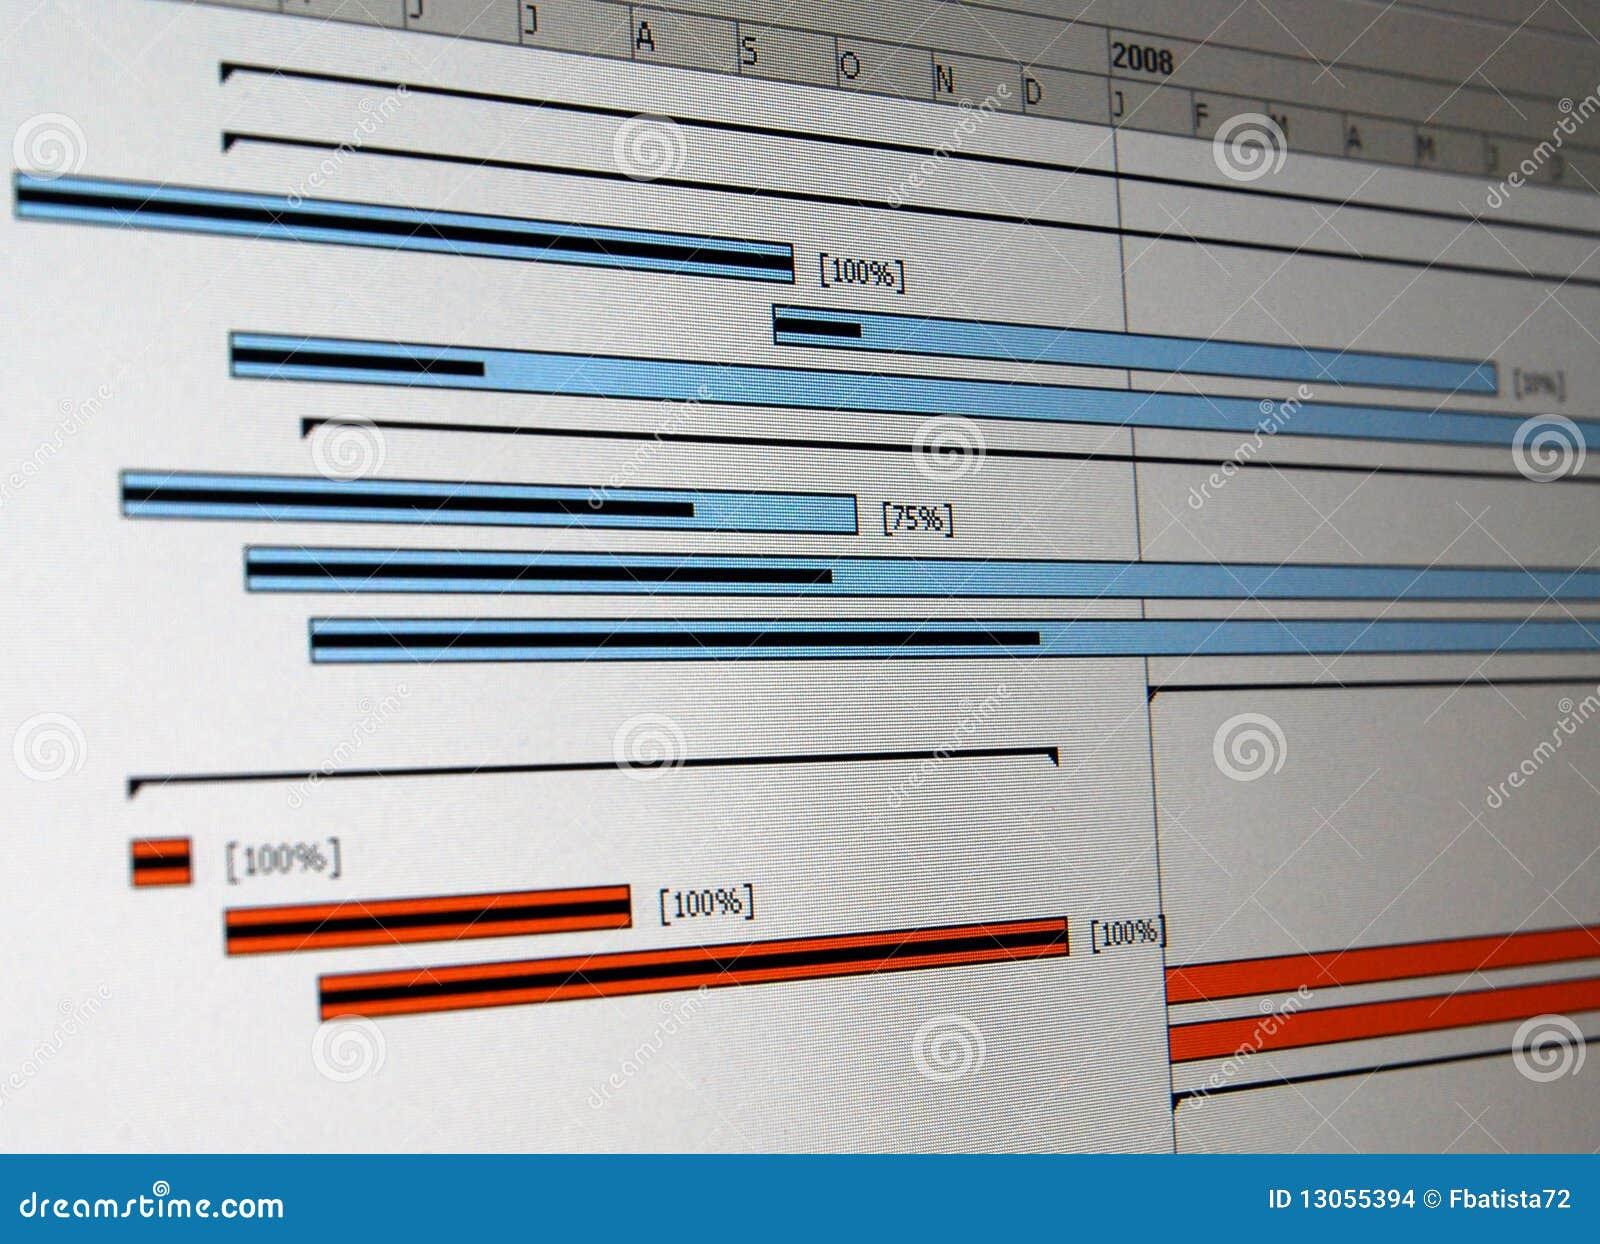 тип gantt диаграммы в виде вертикальных полос